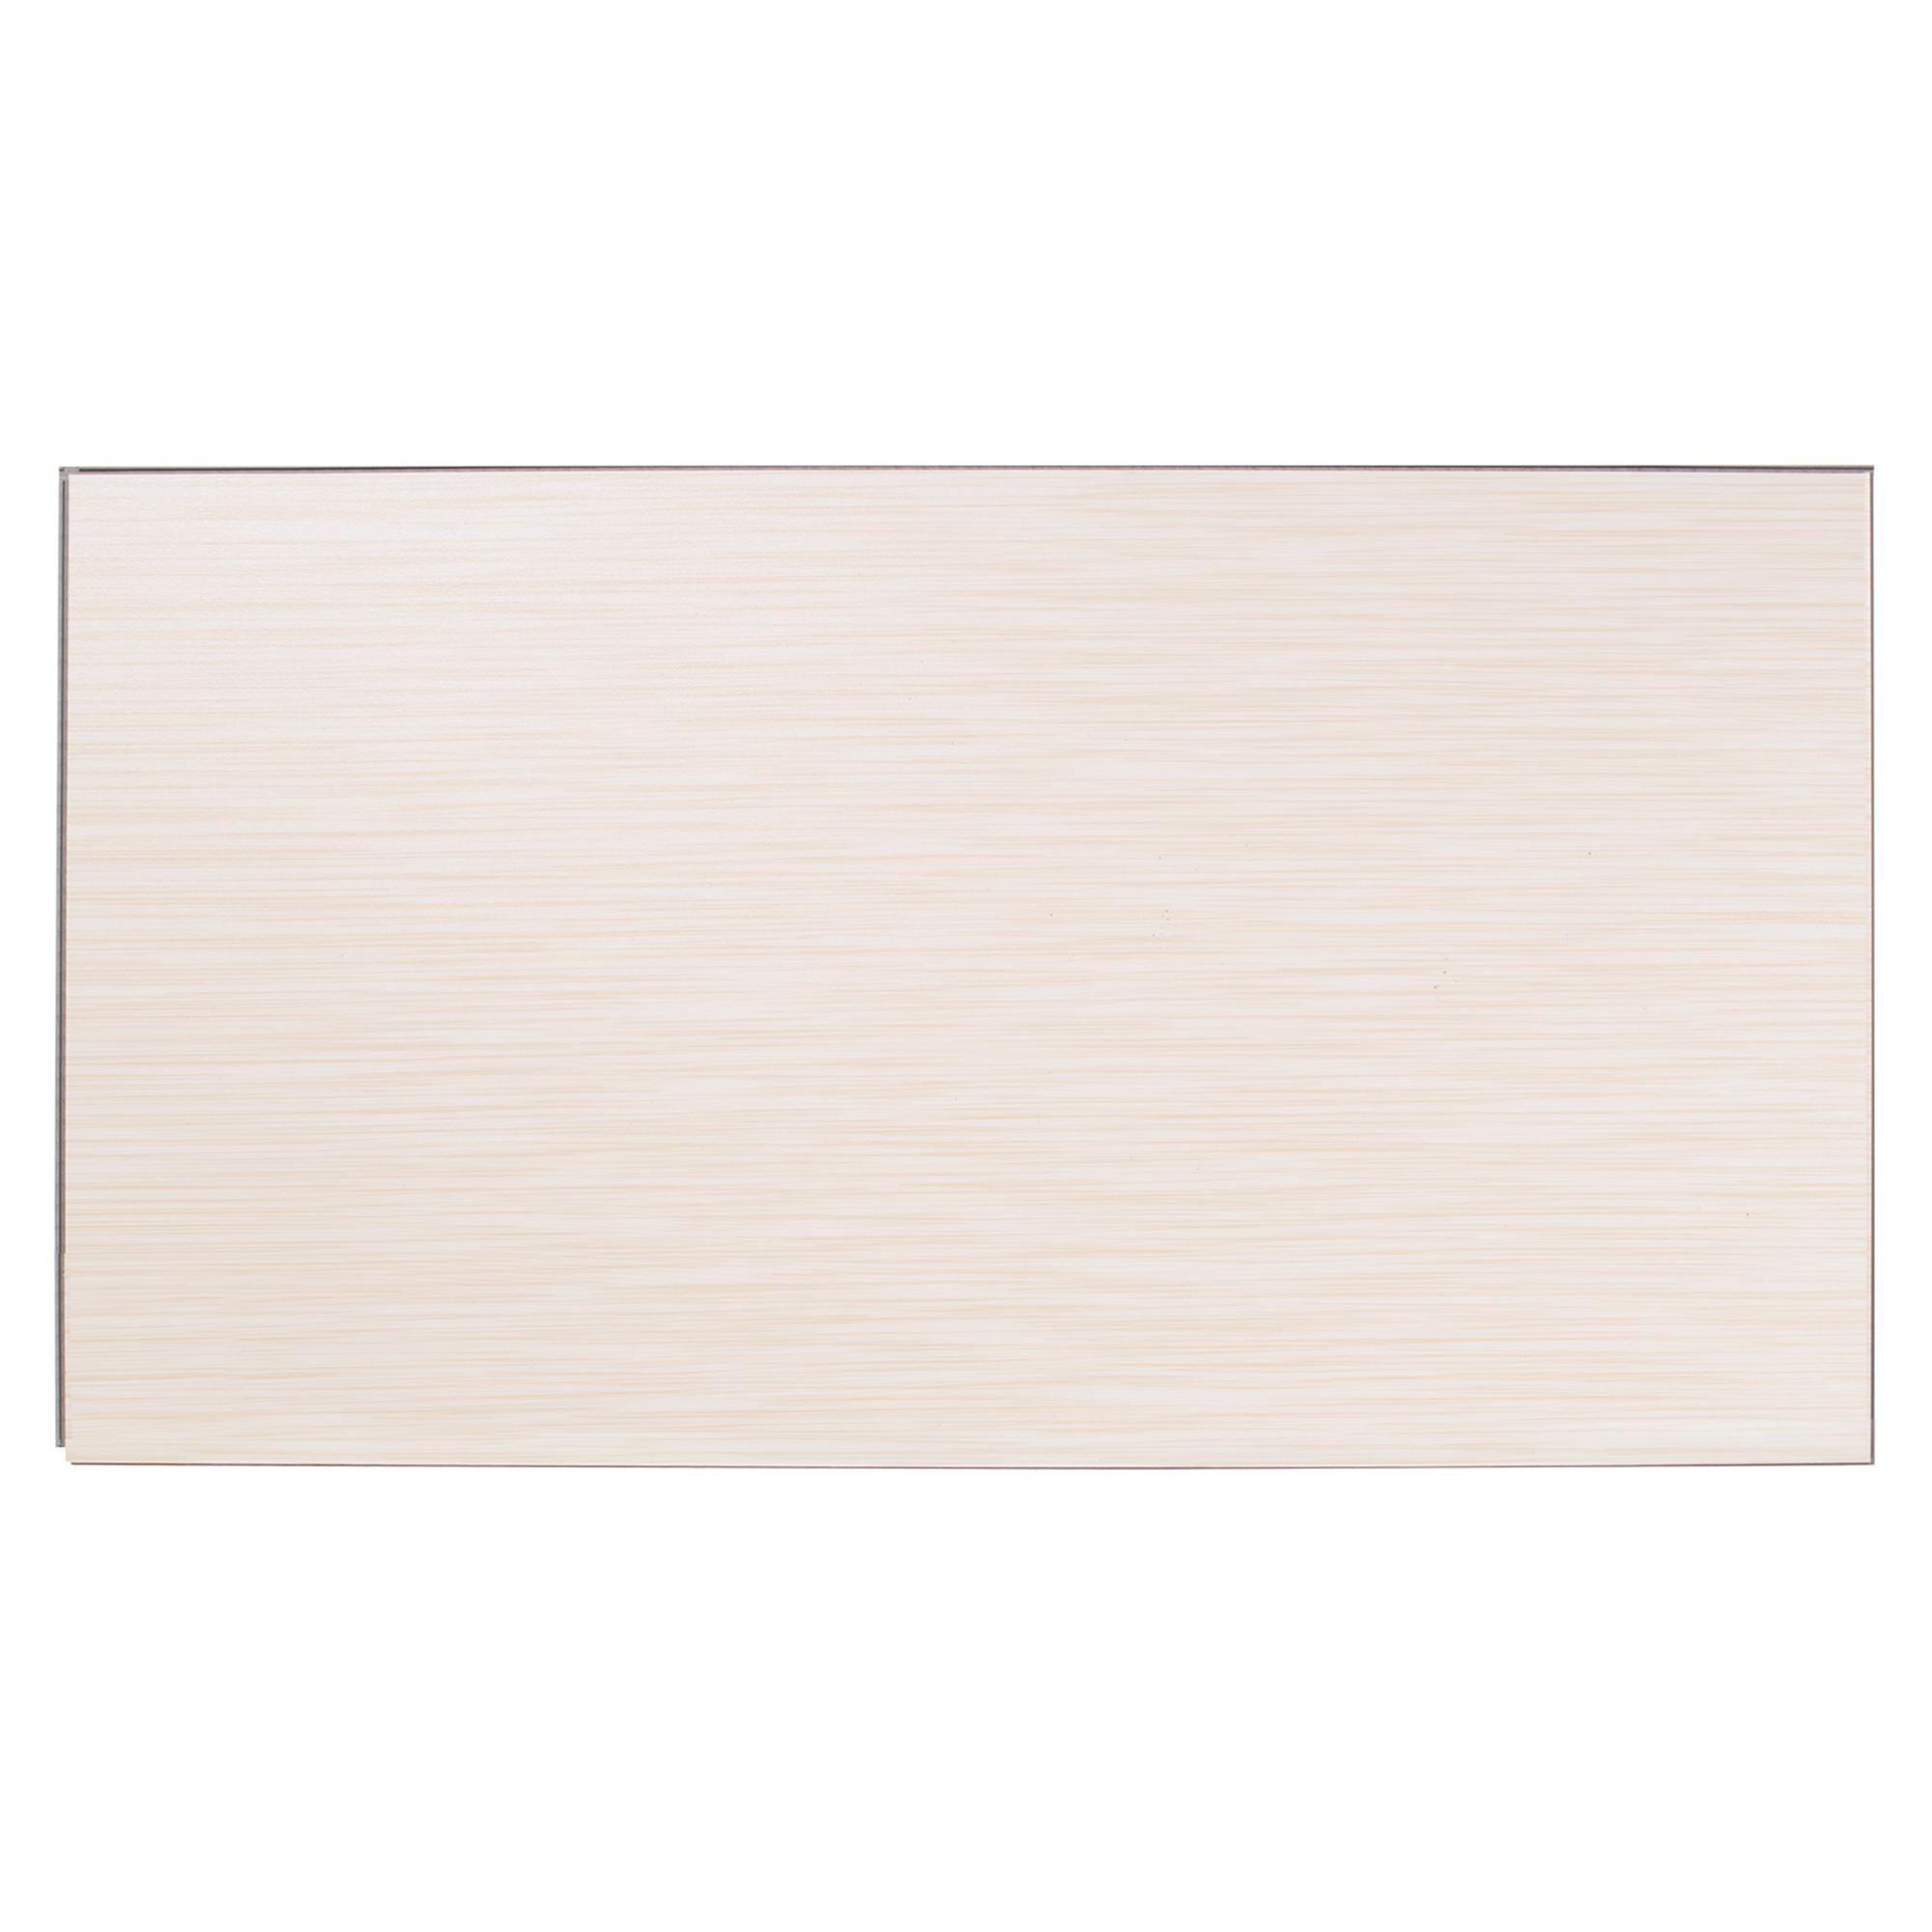 Casa moderna allegro linen luxury vinyl tile 4mm for Casa moderna vinyl flooring installation